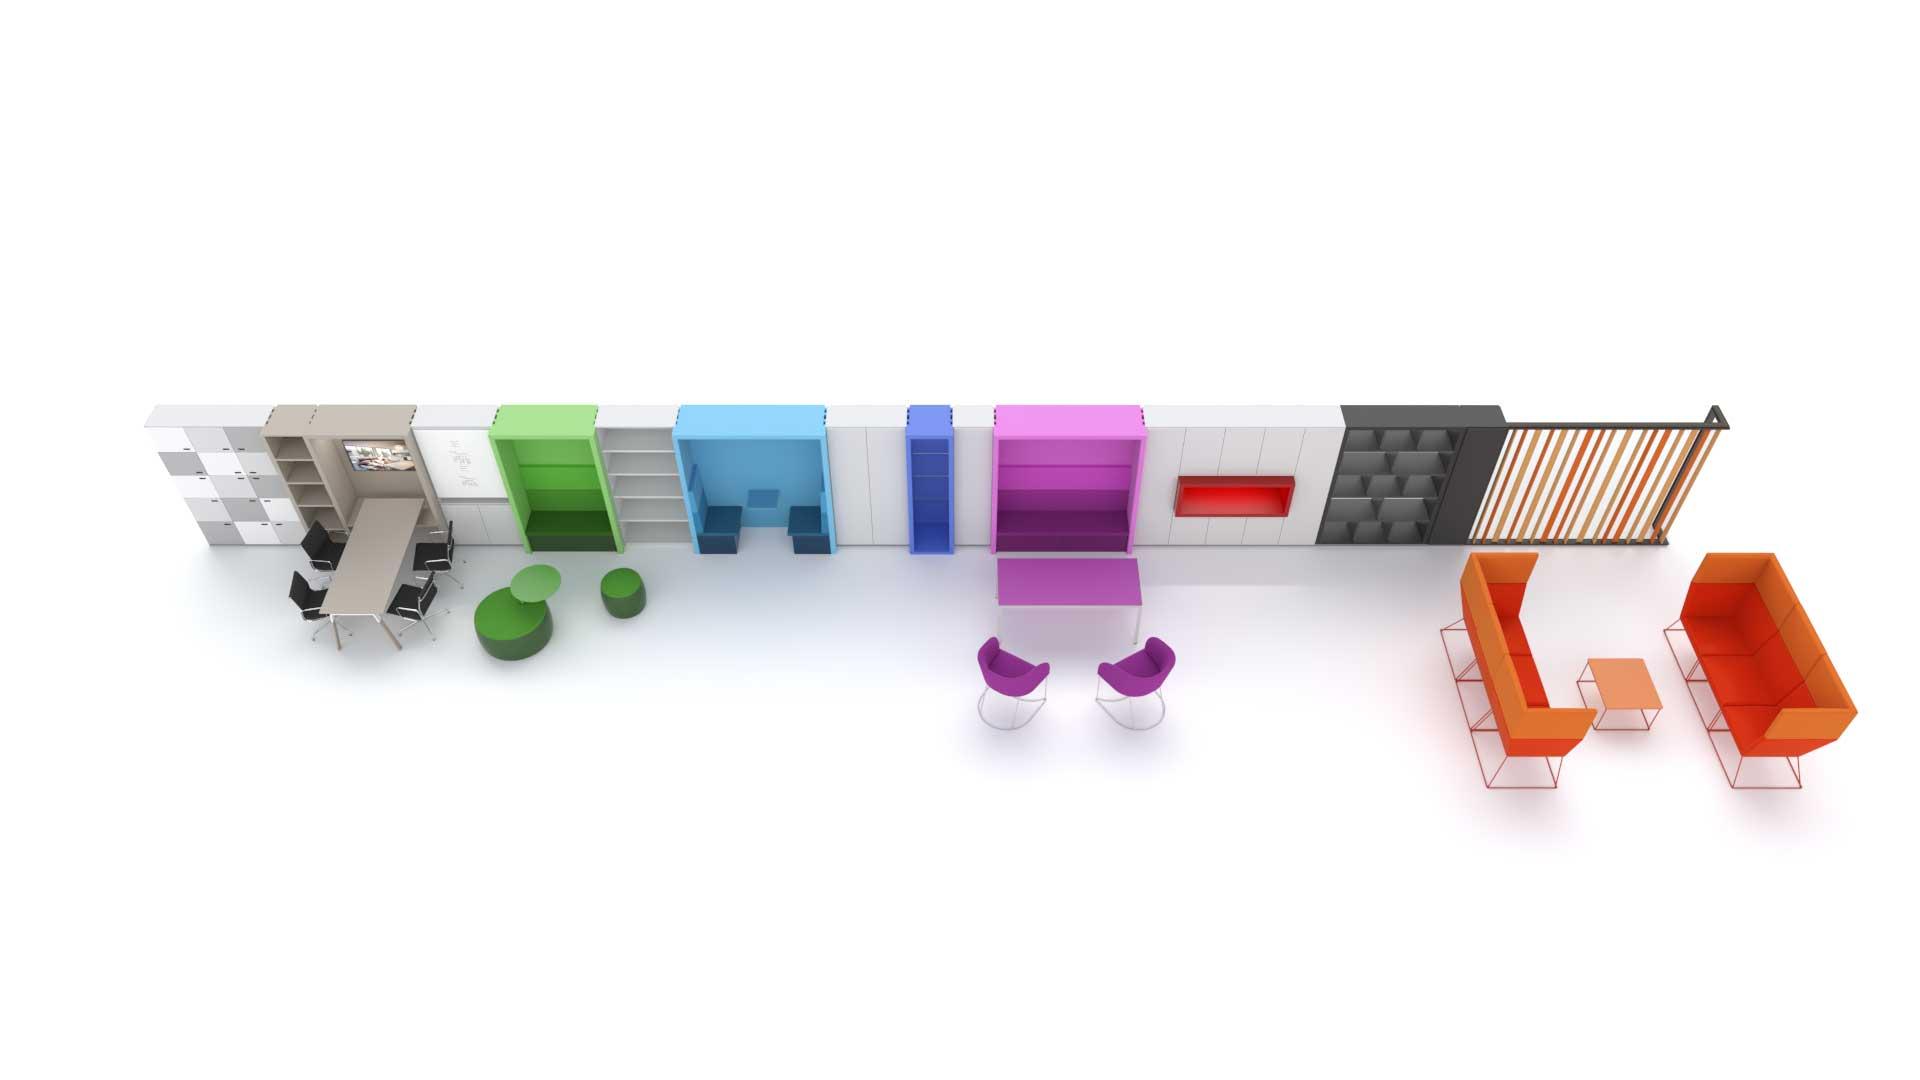 Evoluzione-delle-pareti-attrezzate-ufficio-Ever-Evolving-System-Level-Office-Landscape